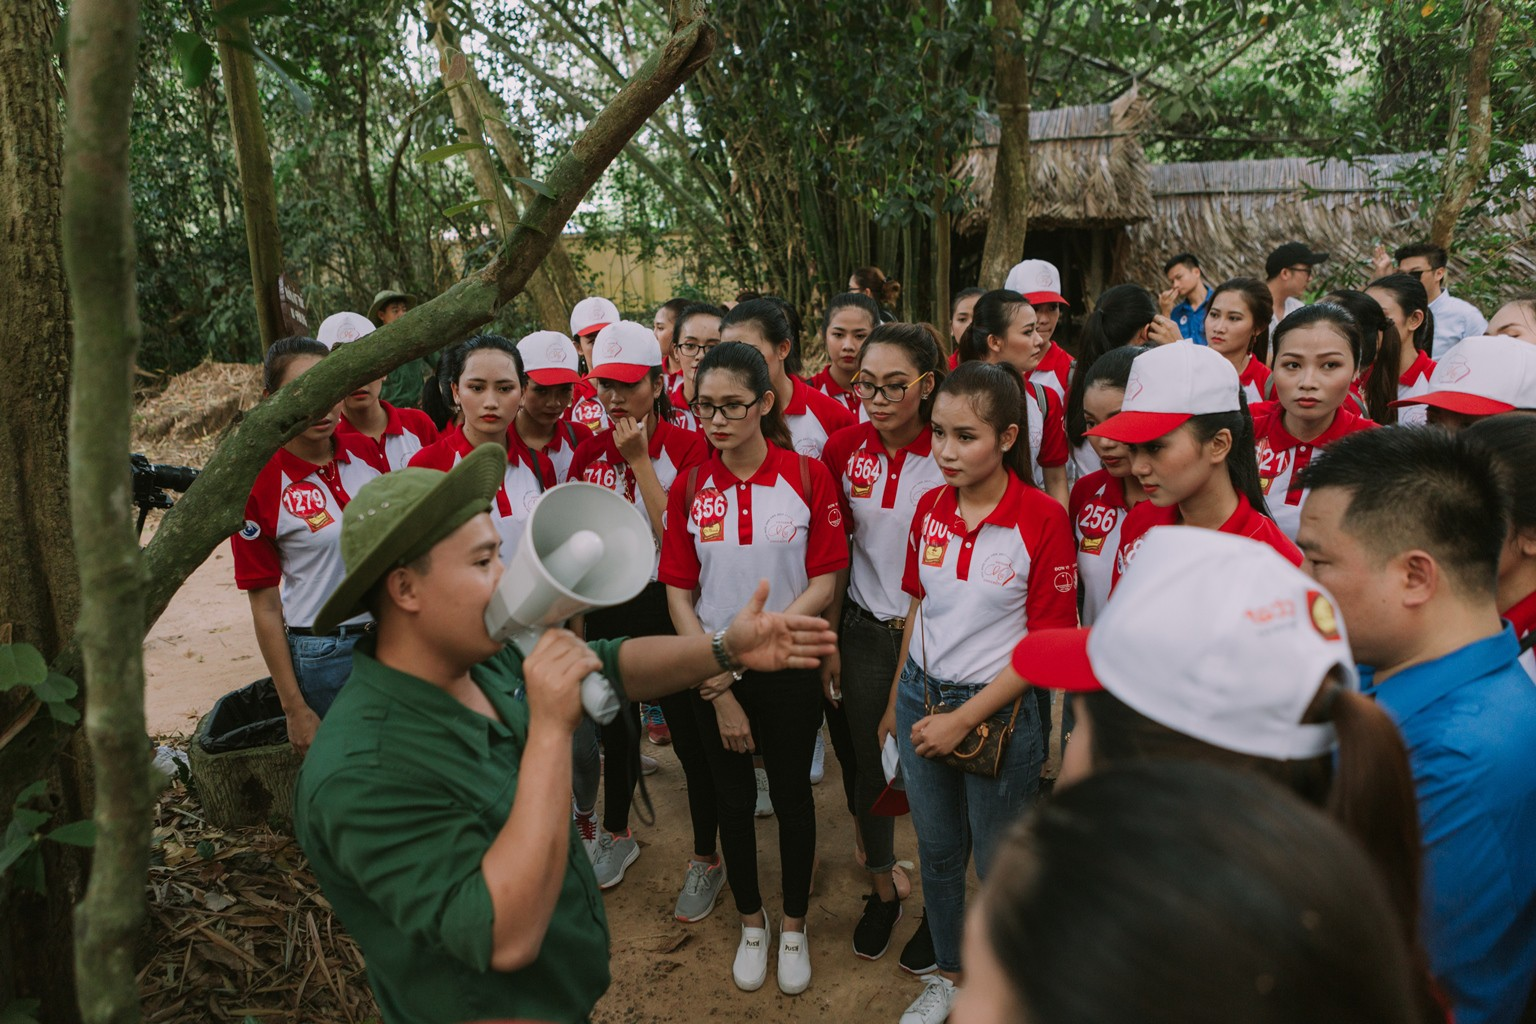 Cuối tuần này, 45 nữ sinh tài năng nhất sẽ cùng tranh tài trong đêm Chung kết Hoa khôi sinh viên Việt Nam - Ảnh 4.